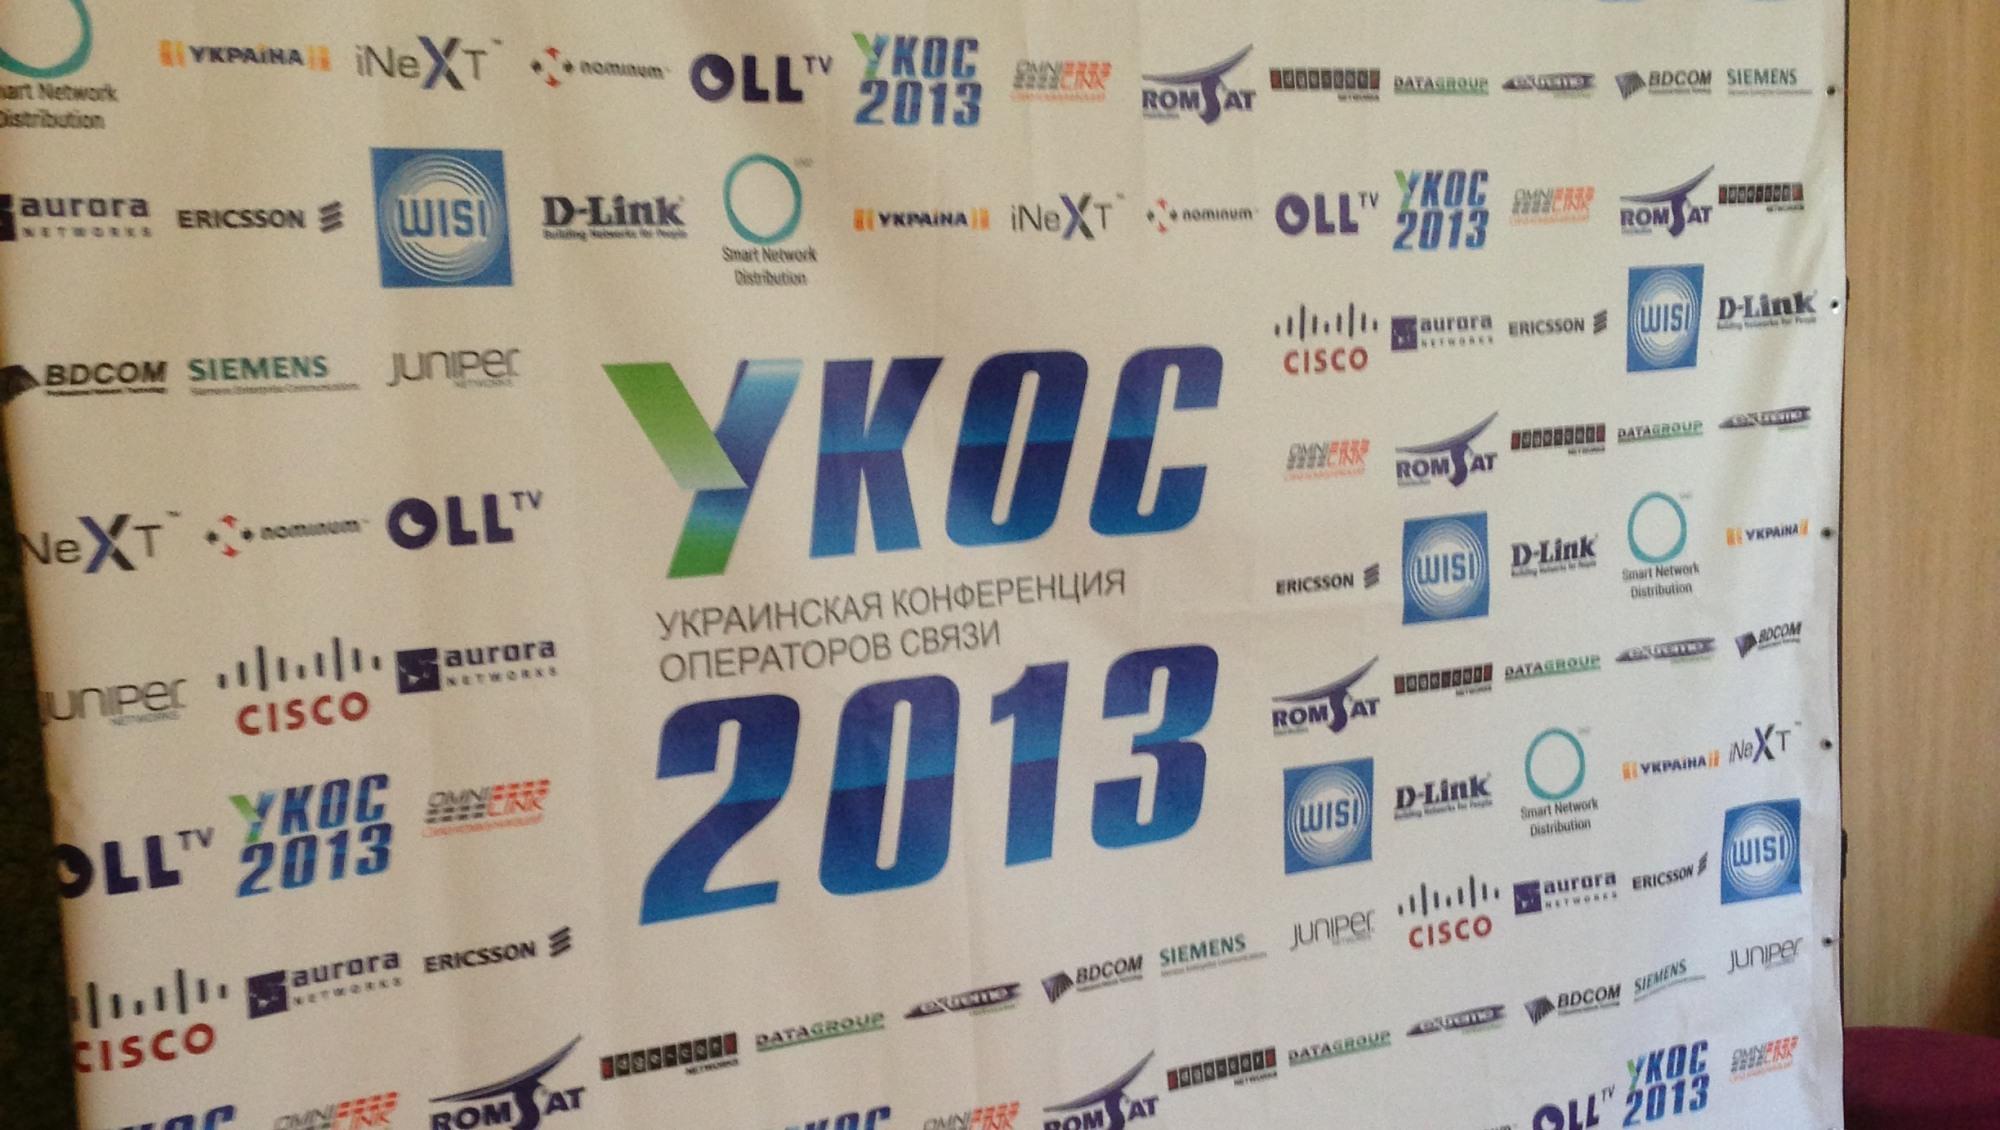 ukos 2013 / Укос 2013